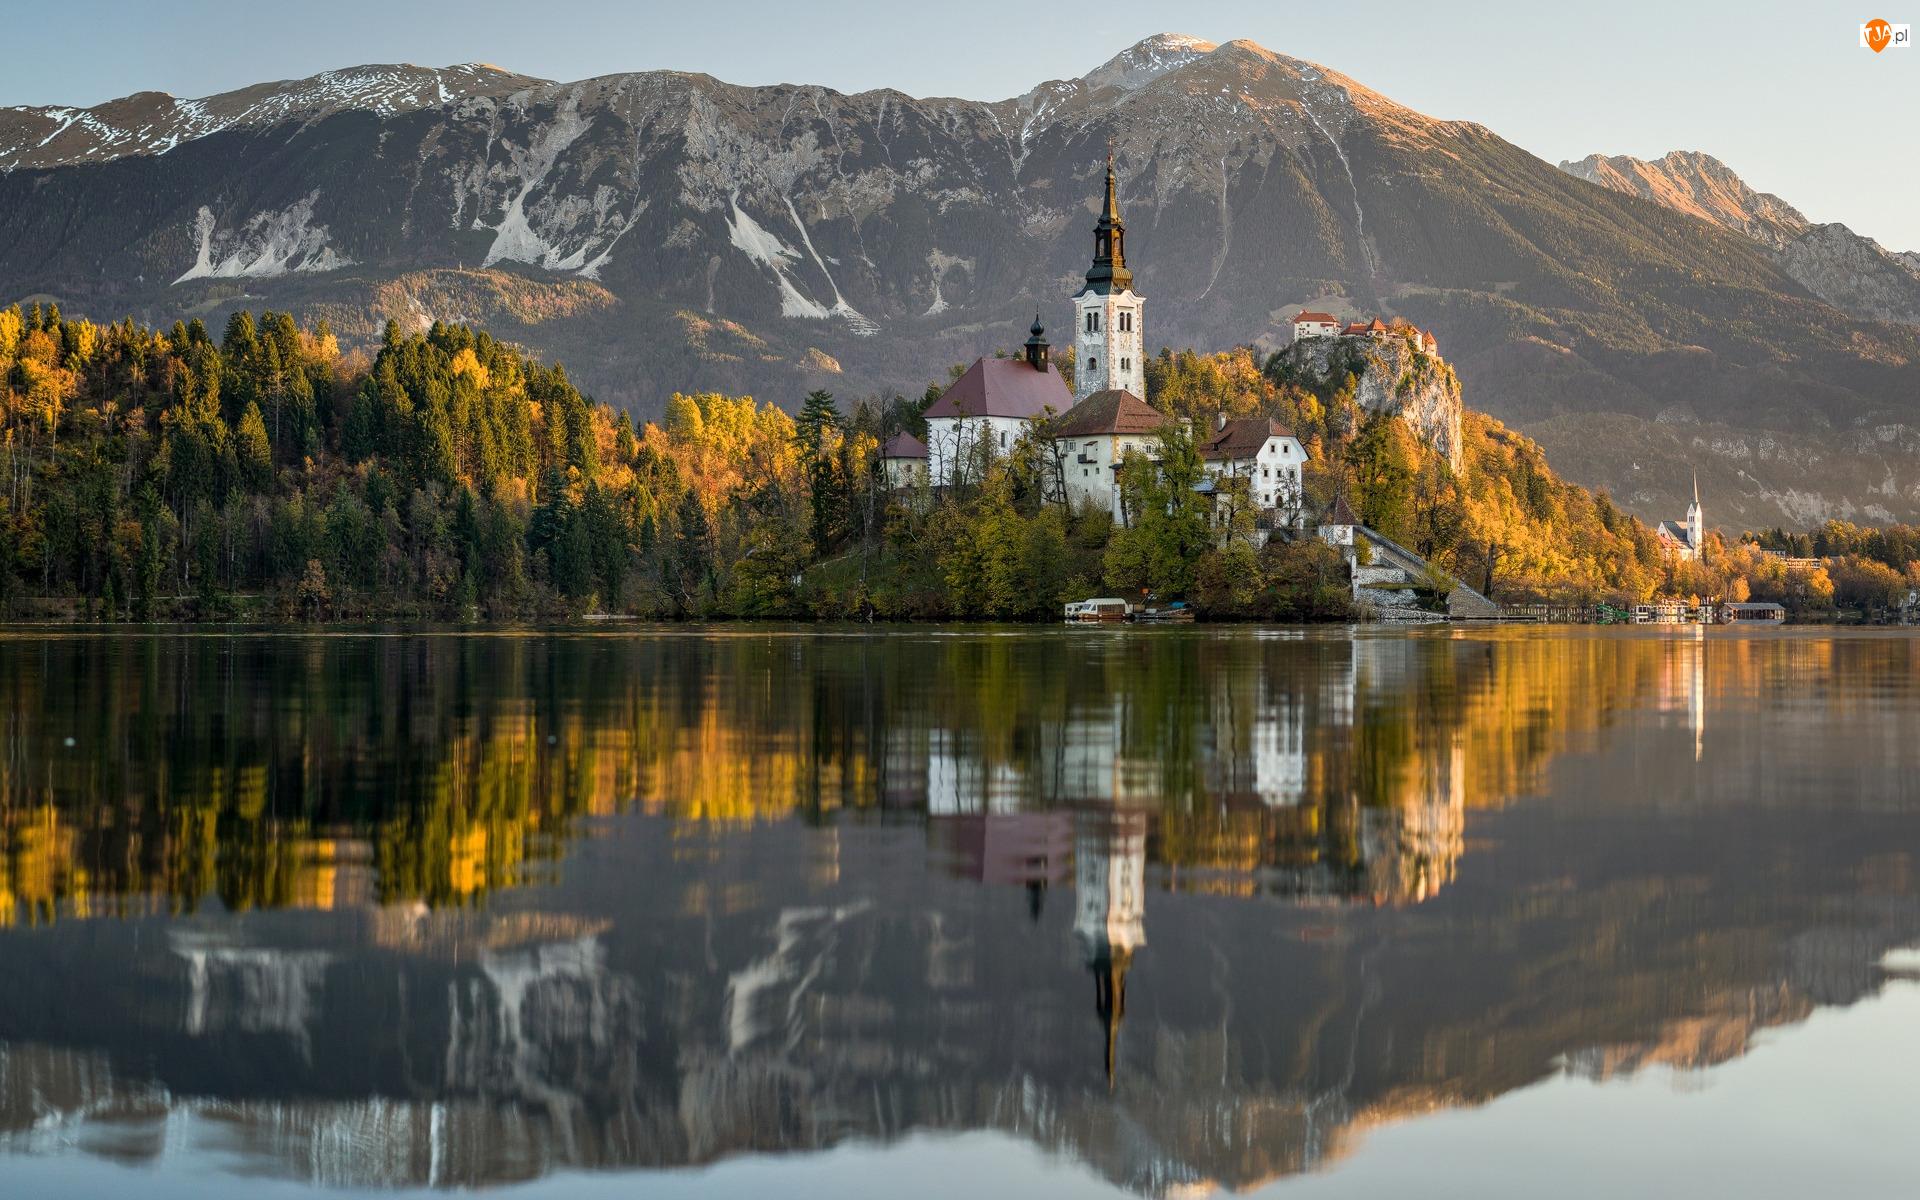 Odbicie, Jesień, Wyspa, Drzewa, Góry, Kościół Wniebowzięcia Najświętszej Marii Panny, Słowenia, Jezioro Bled